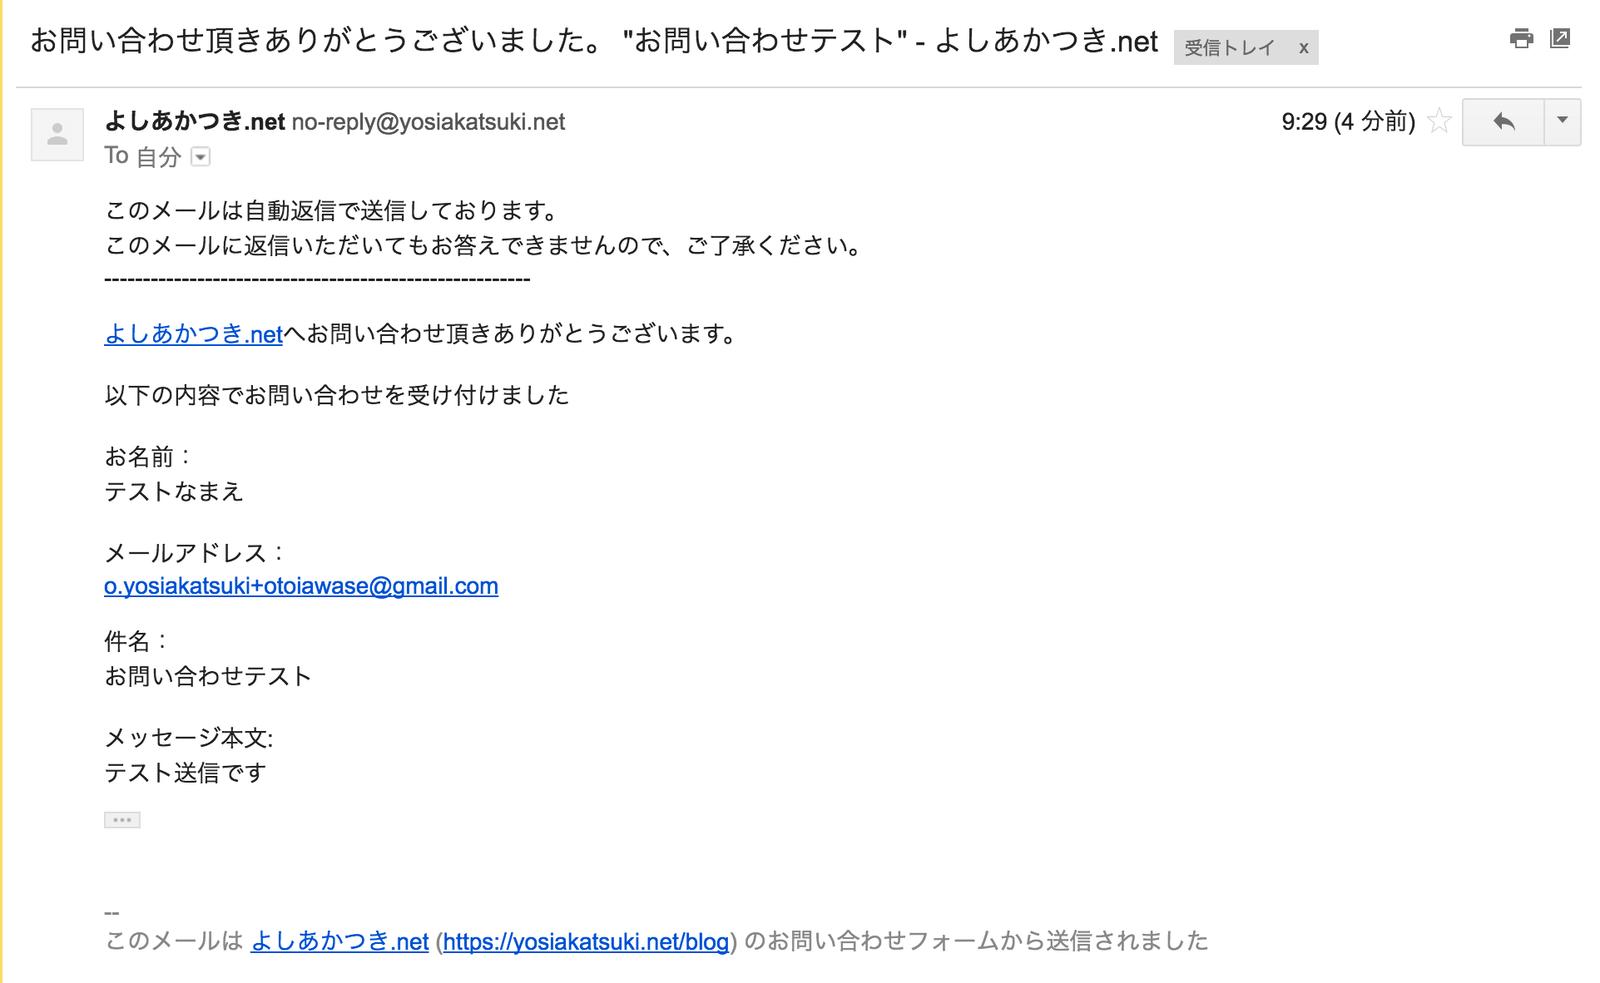 自動返信メールの確認